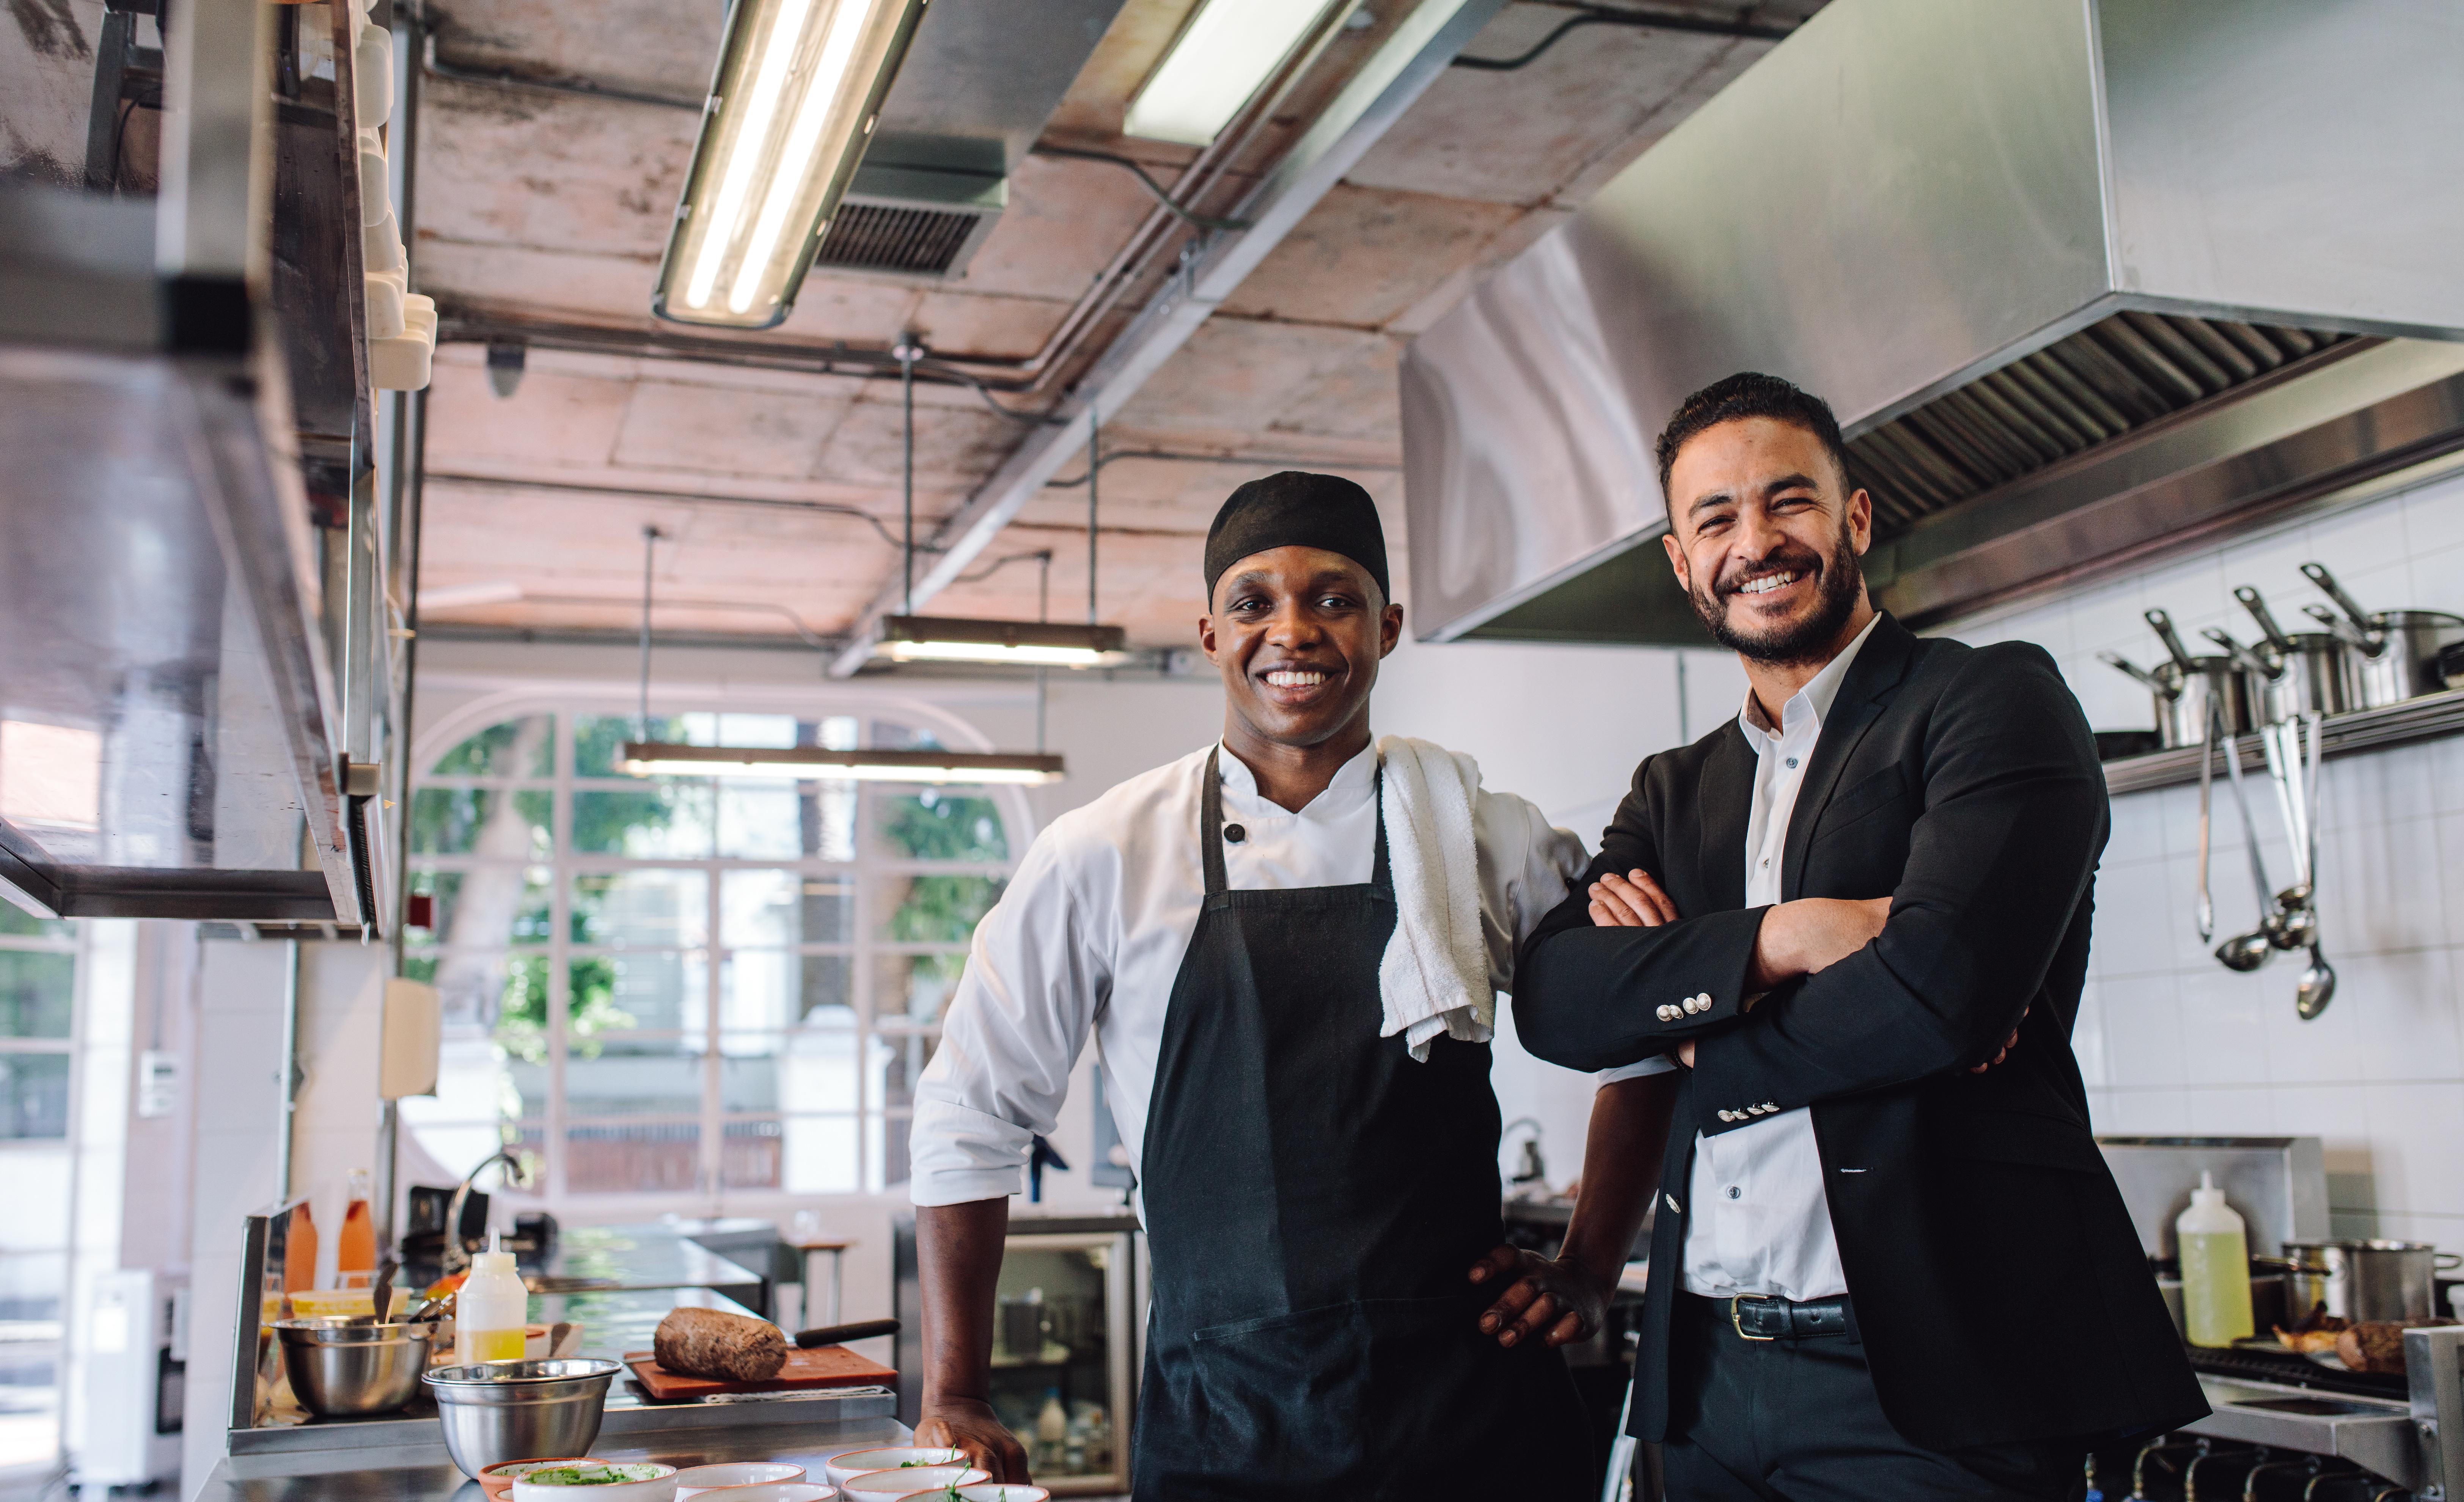 For å drive lønnsomt i et restaurantmarked preget av sterk konkurranse er det essensielt at kjøkkenet har et aktivt forhold til tallene i regnskapet, mener økonomirådgiver Tom Scott Nielsen i INTUNOR Business and Financial Management.